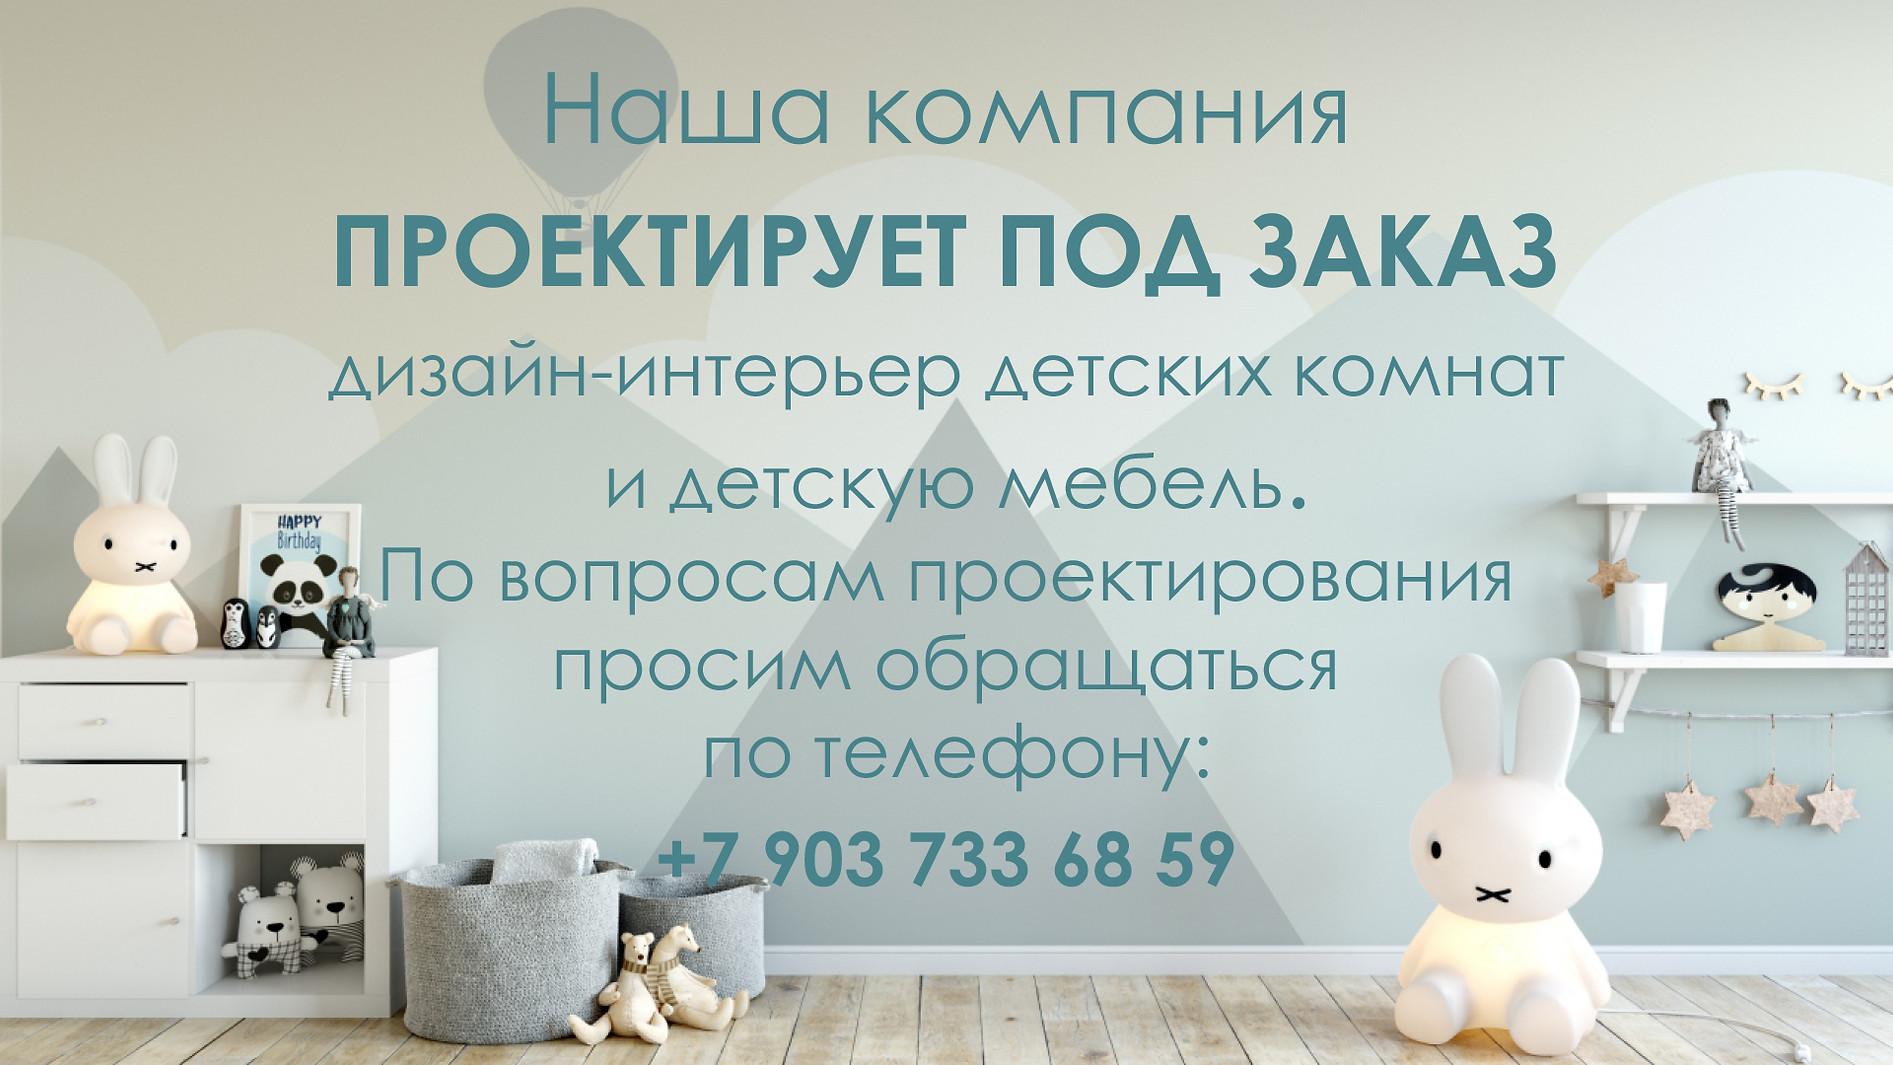 Безымянный-3-2.jpg